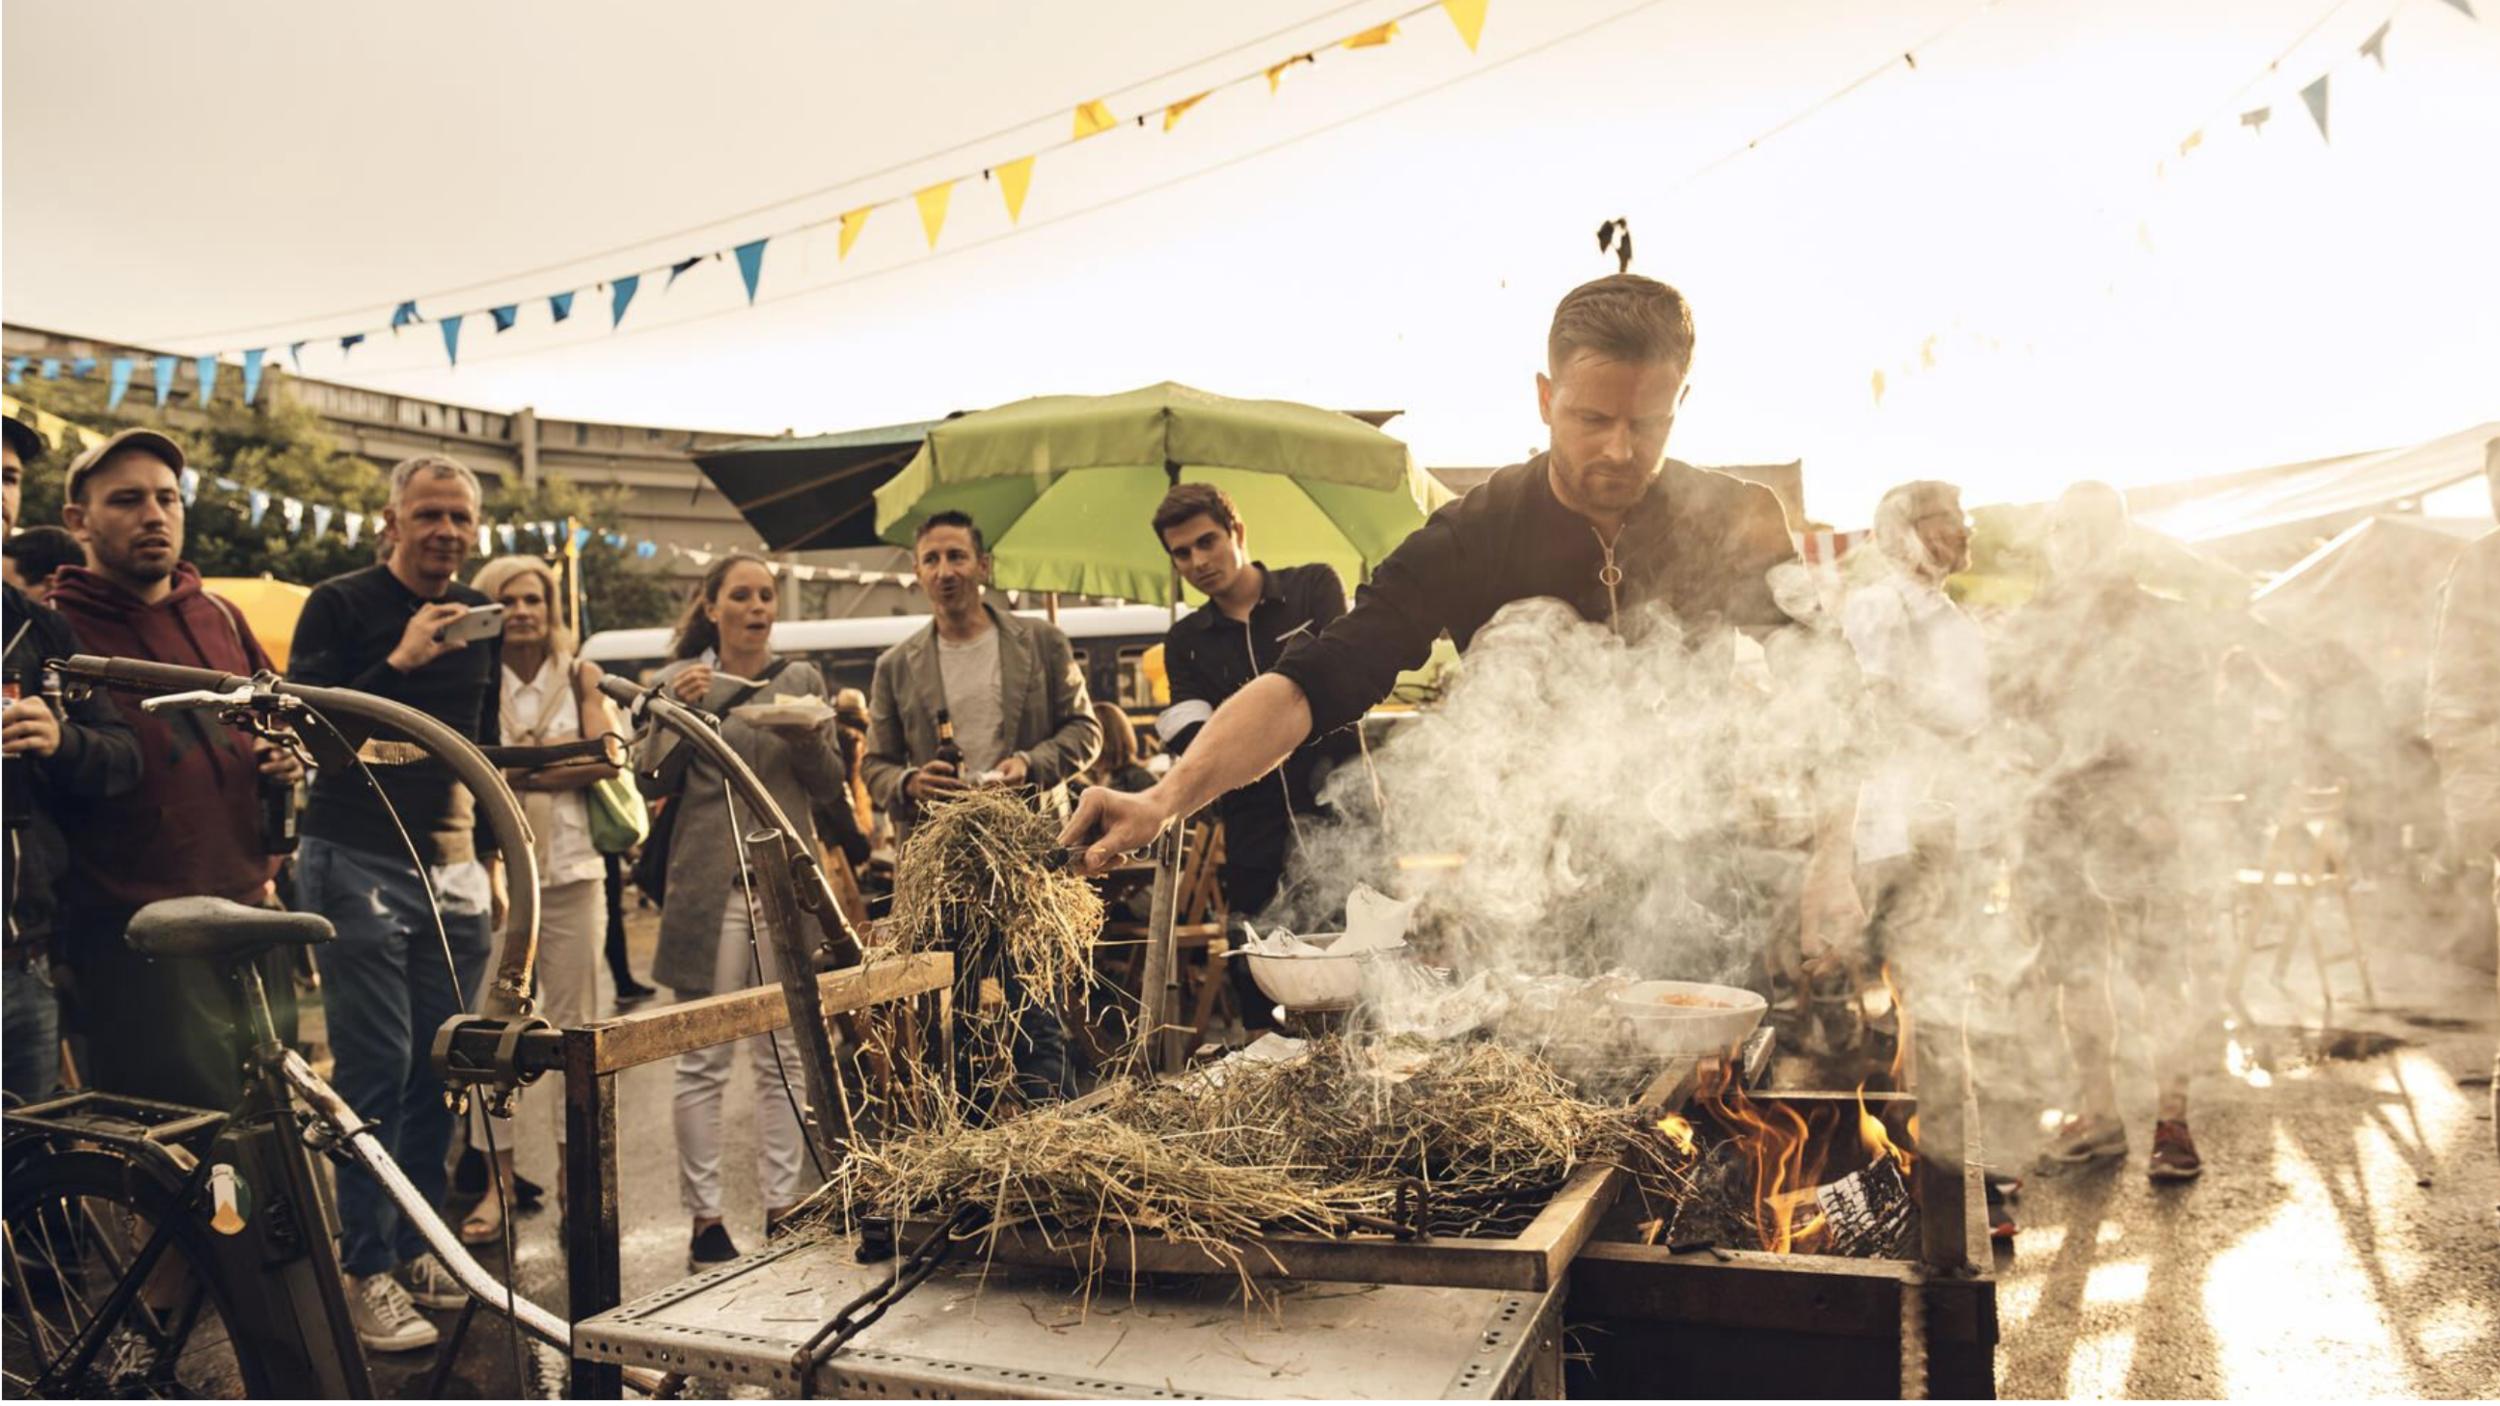 Gourmetkoch Pascal Schmutz über seine Liebe für die Schweizer Bergwelt und darüber, wieso die vegane Küche keine Hexerei sein muss. - → Mehr dazu im Style-Artikel der Schweizer Illustrierten